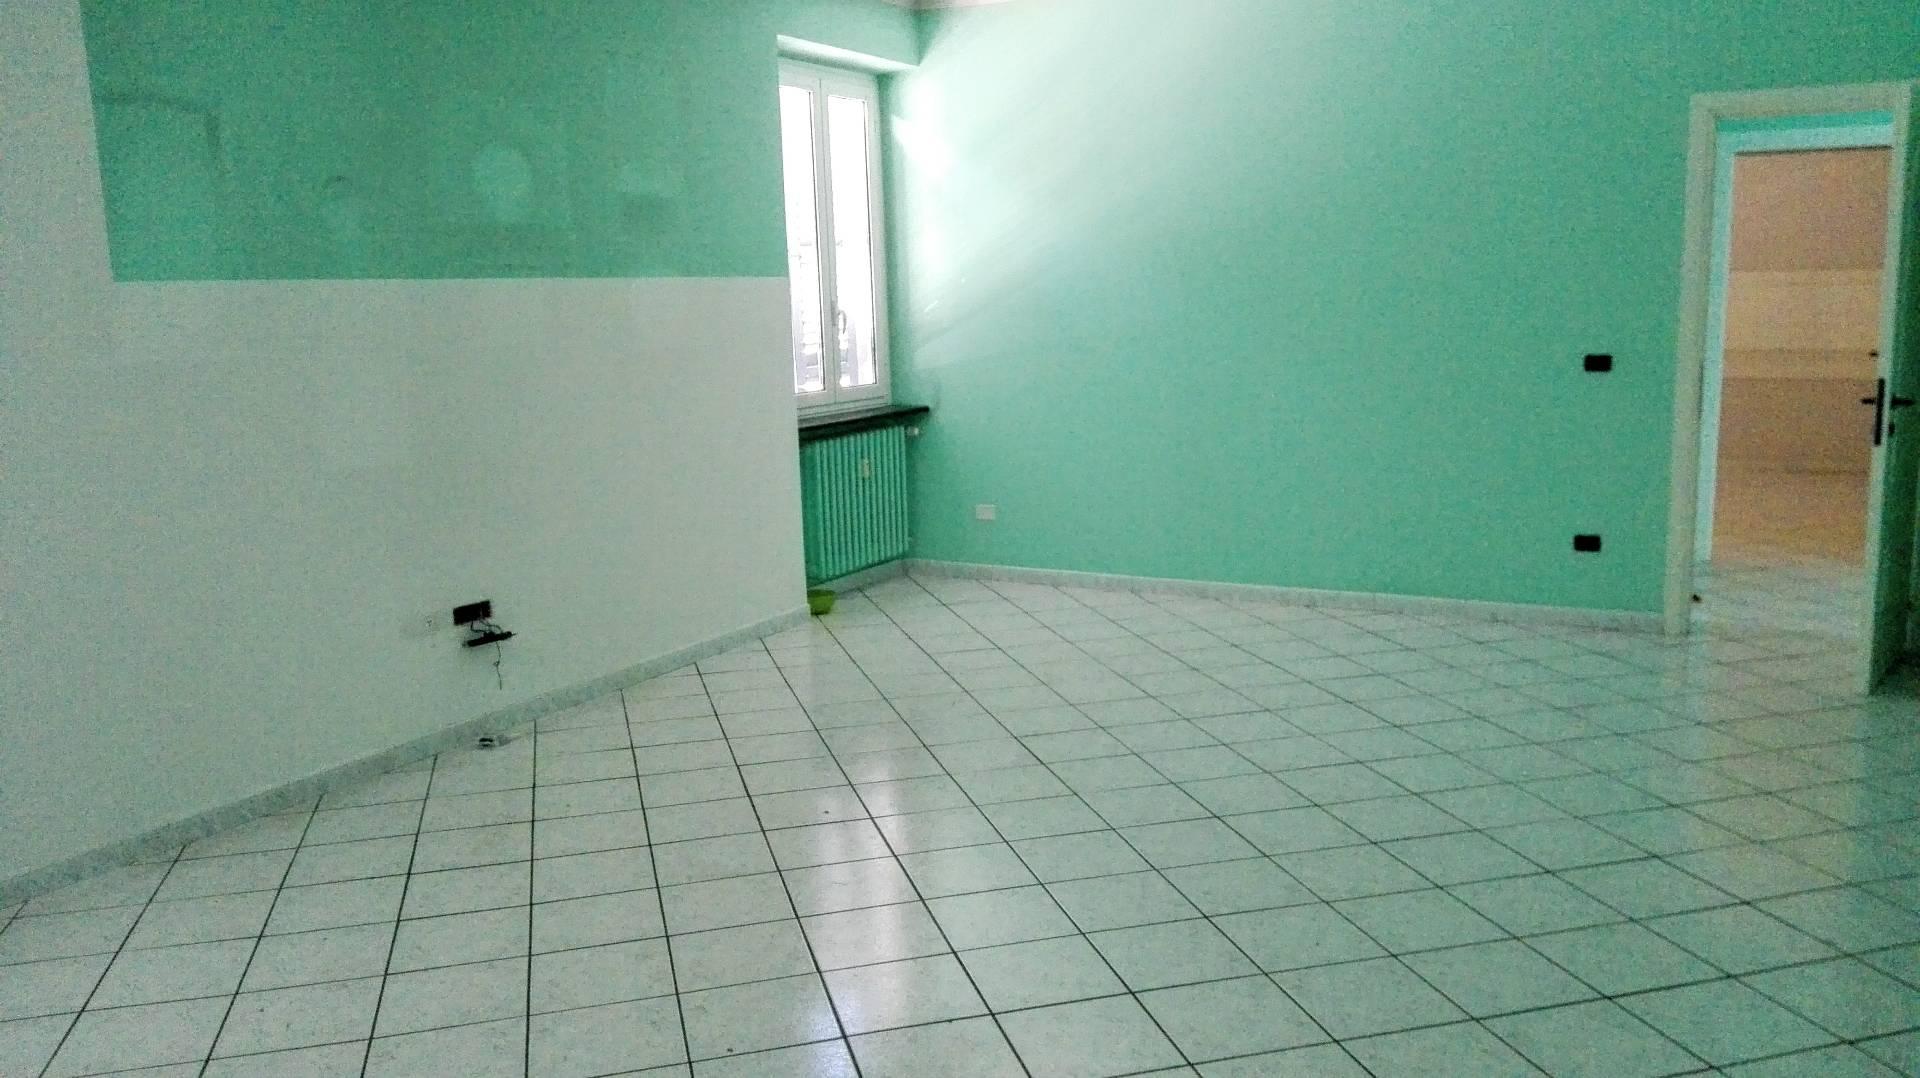 Appartamento in affitto a Casale Monferrato, 3 locali, prezzo € 500 | Cambio Casa.it